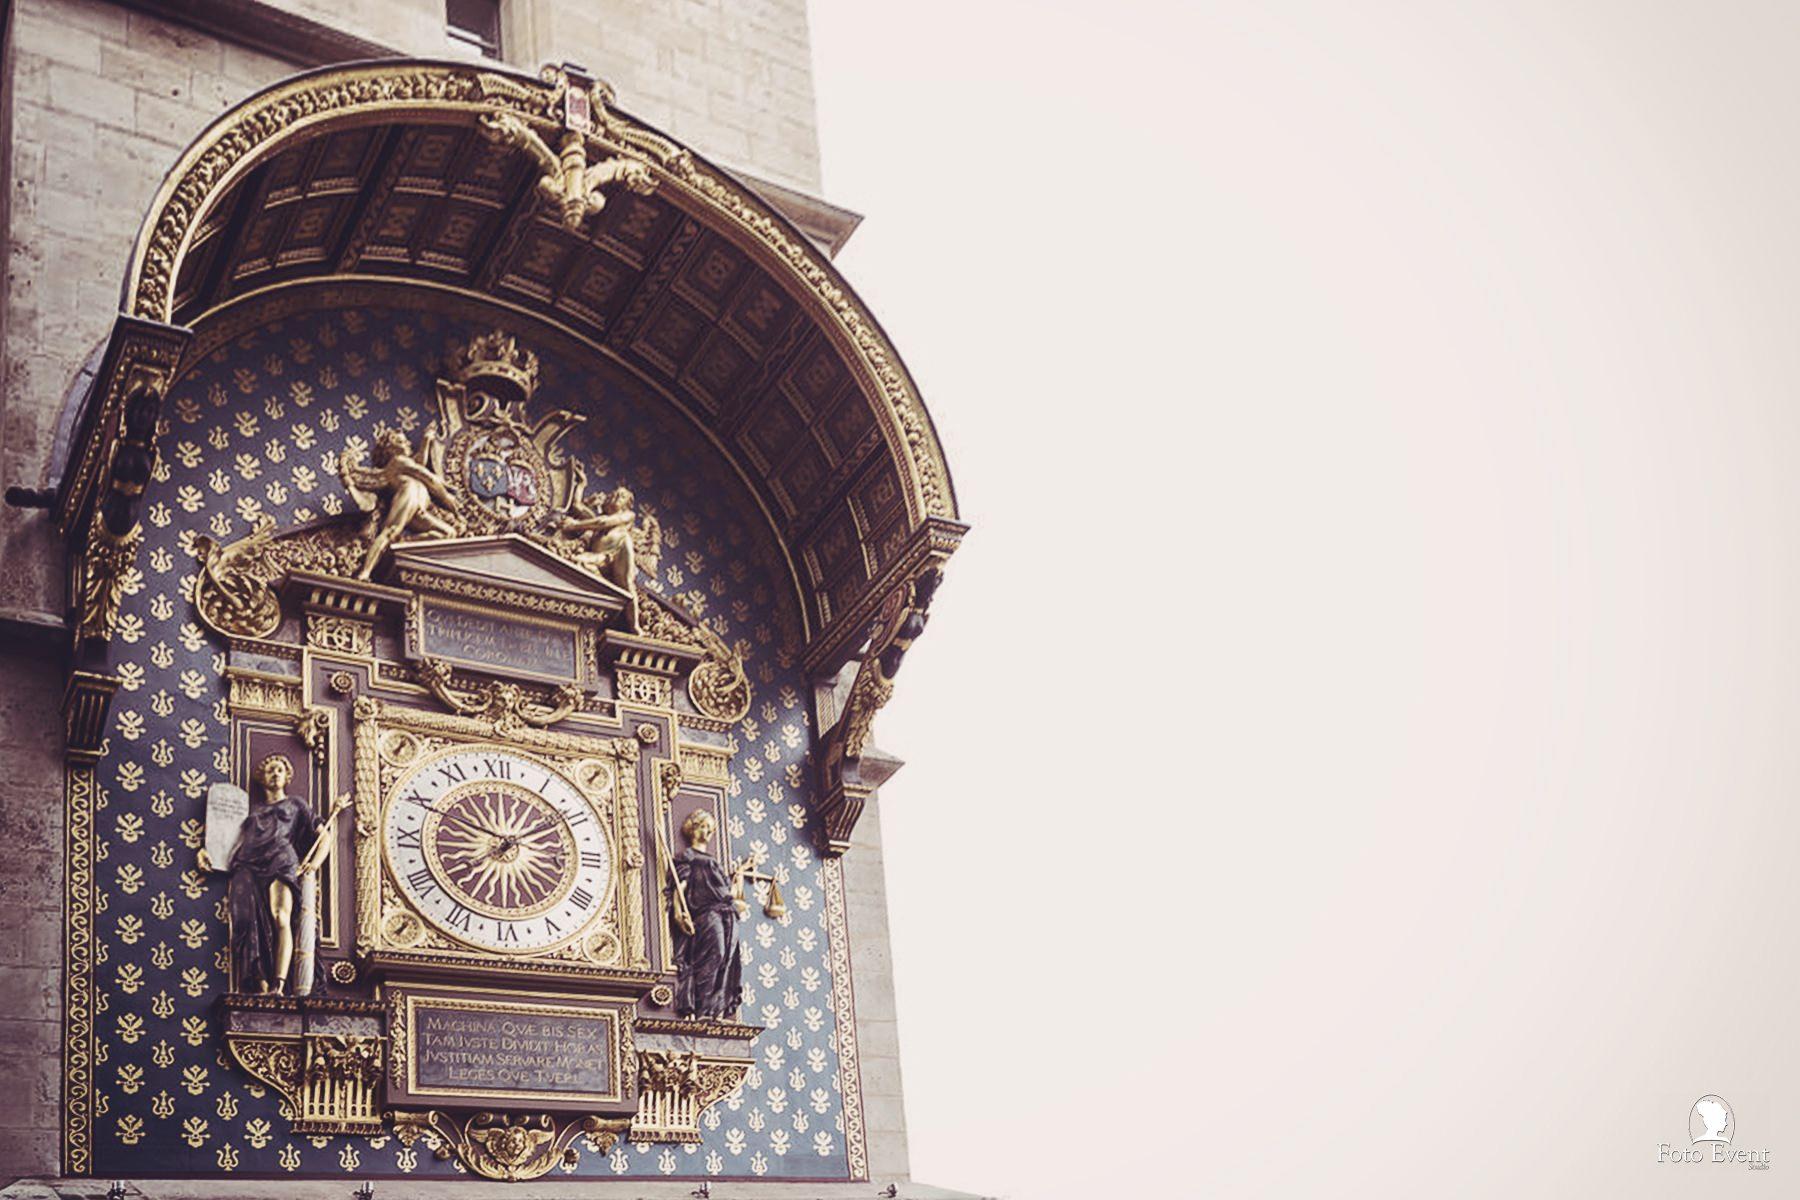 2016-06-11 Anteprima Parigi 087_CD